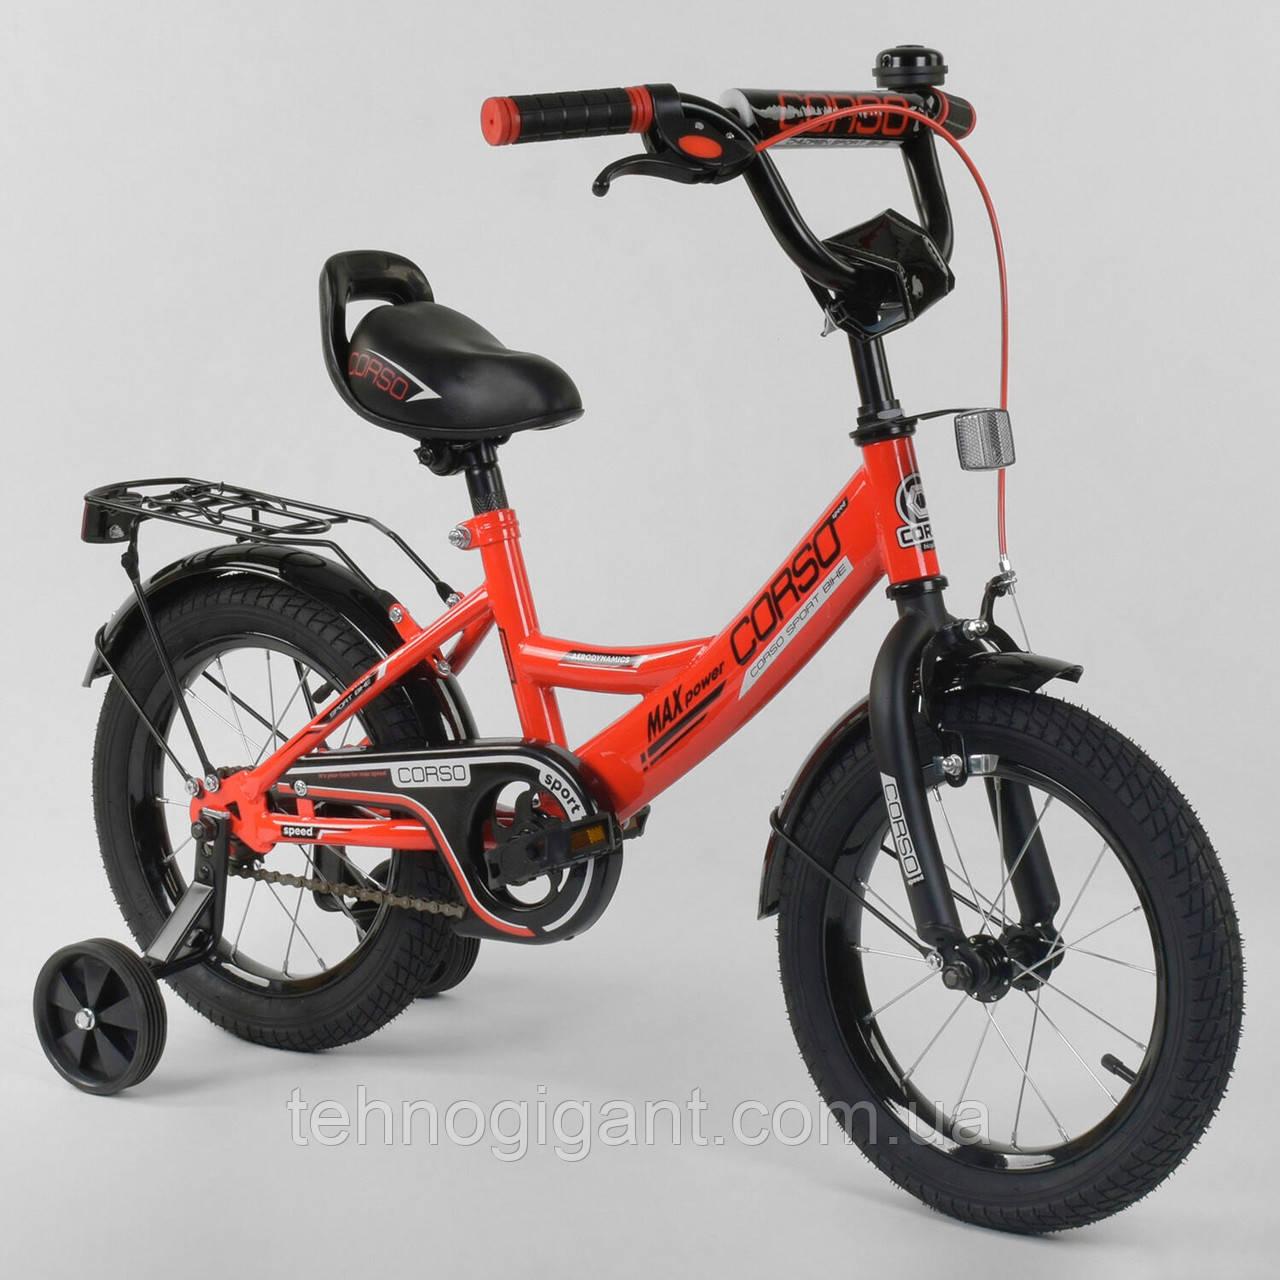 """Велосипед 14"""" дюймов 2-х колёсный """"CORSO""""  Красный, ручной тормоз, звоночек, сидение с ручкой, доп. колеса"""